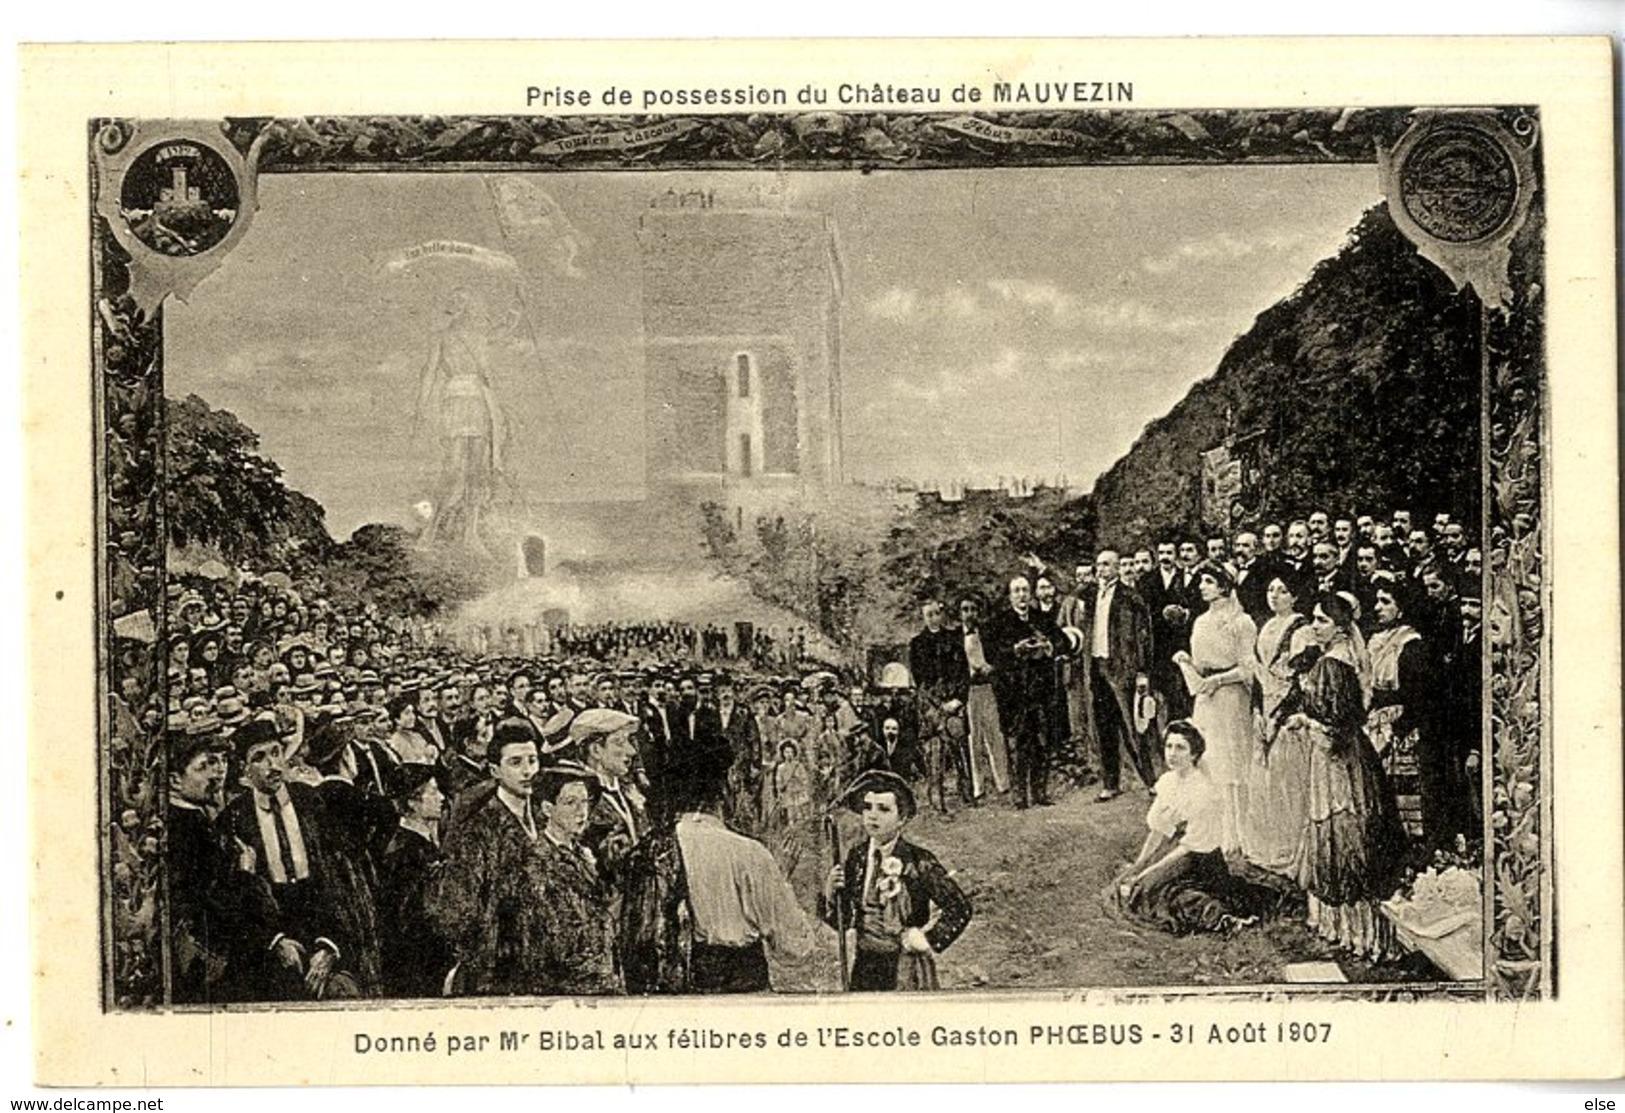 65  CHATEAU DE MAUVEZIN   PRISE DE POSSESSION   DONNE PAR MR BIBAL AUX FELIBRES DE L ESCOLE GASTON PHOEBUS  AOUT 1907 - Other Municipalities